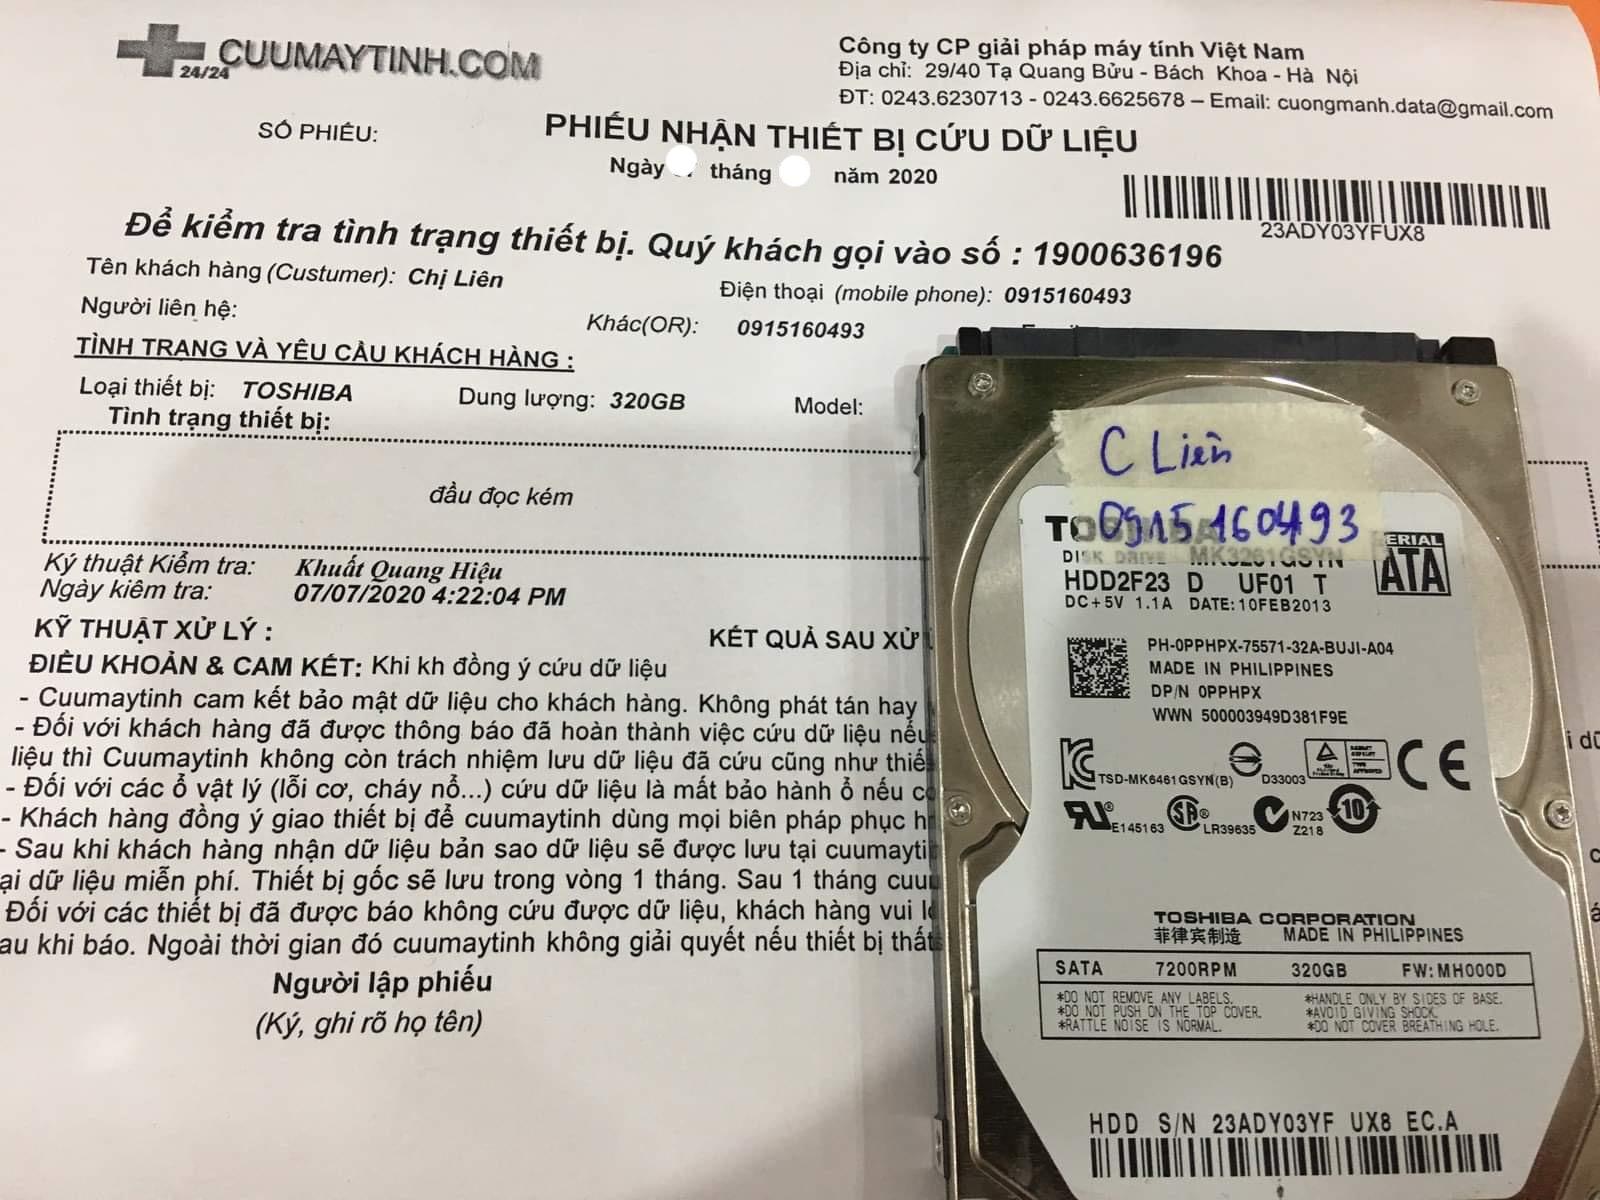 Lấy dữ liệu ổ cứng Toshiba 320GB đầu đọc kém 06/08/2020 - cuumaytinh